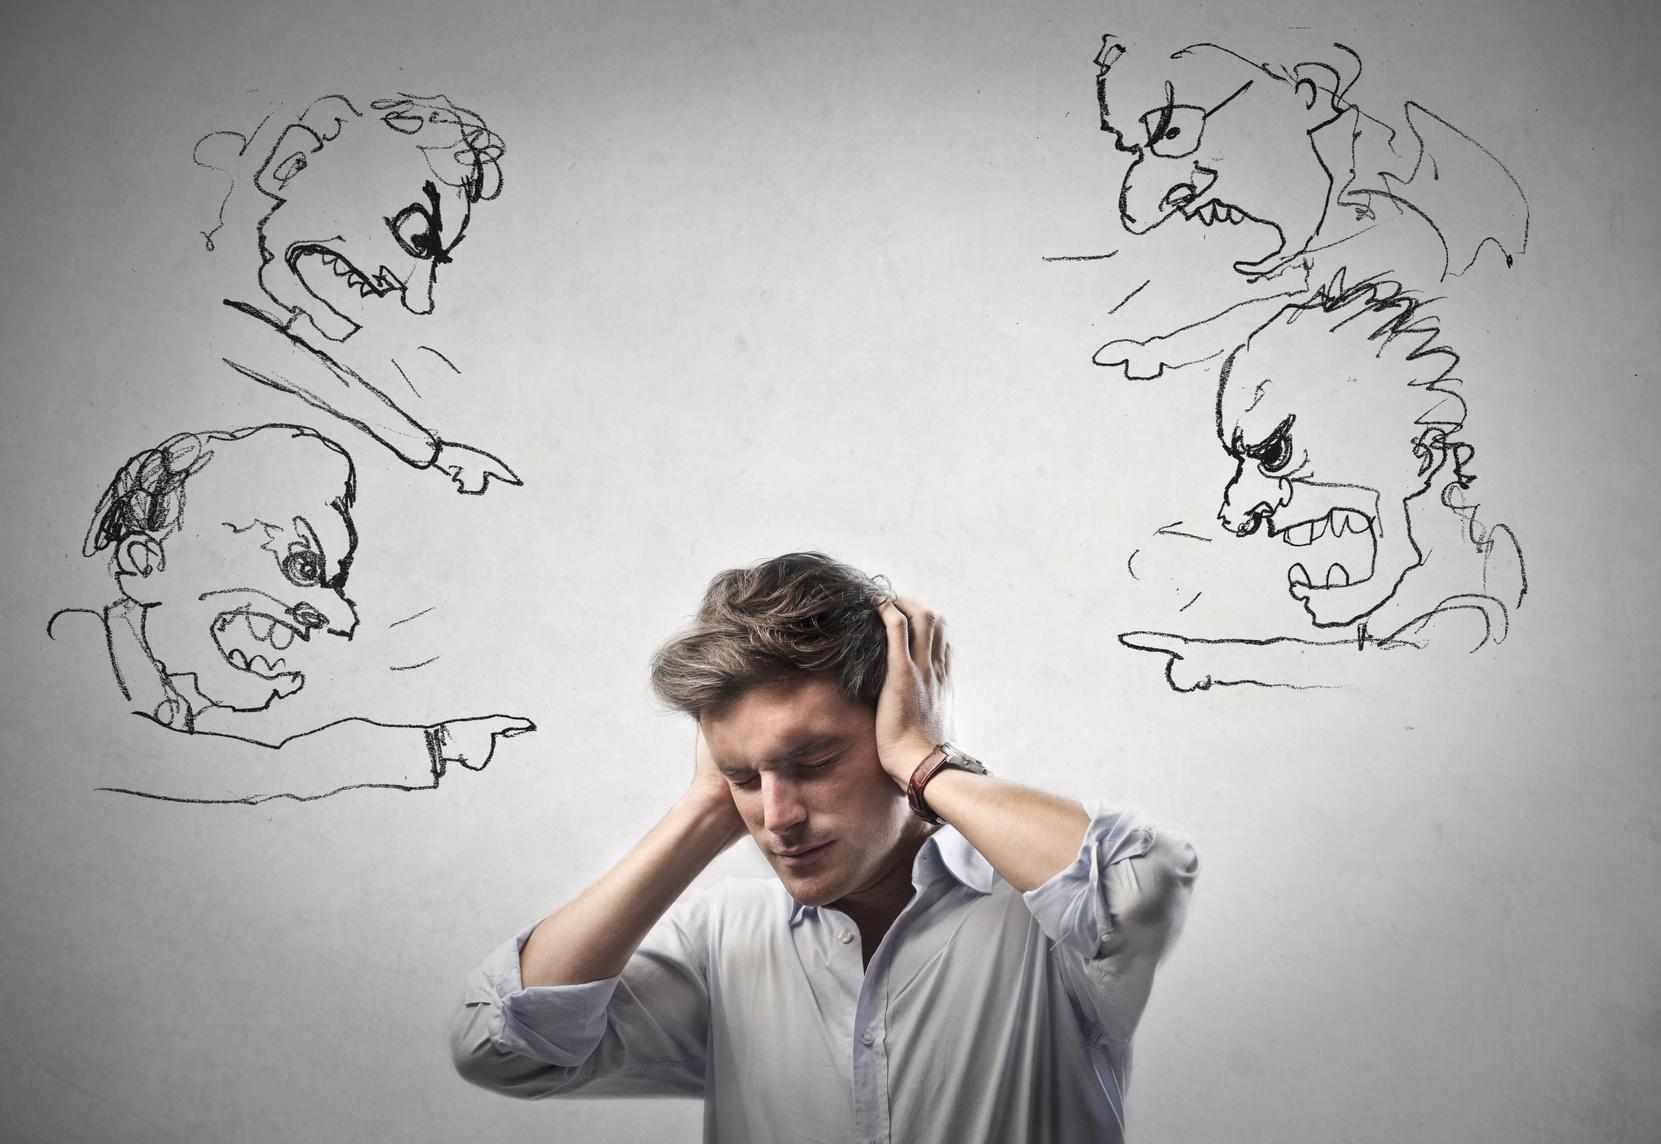 Паранойя в современном мире: причины появления и симптомы